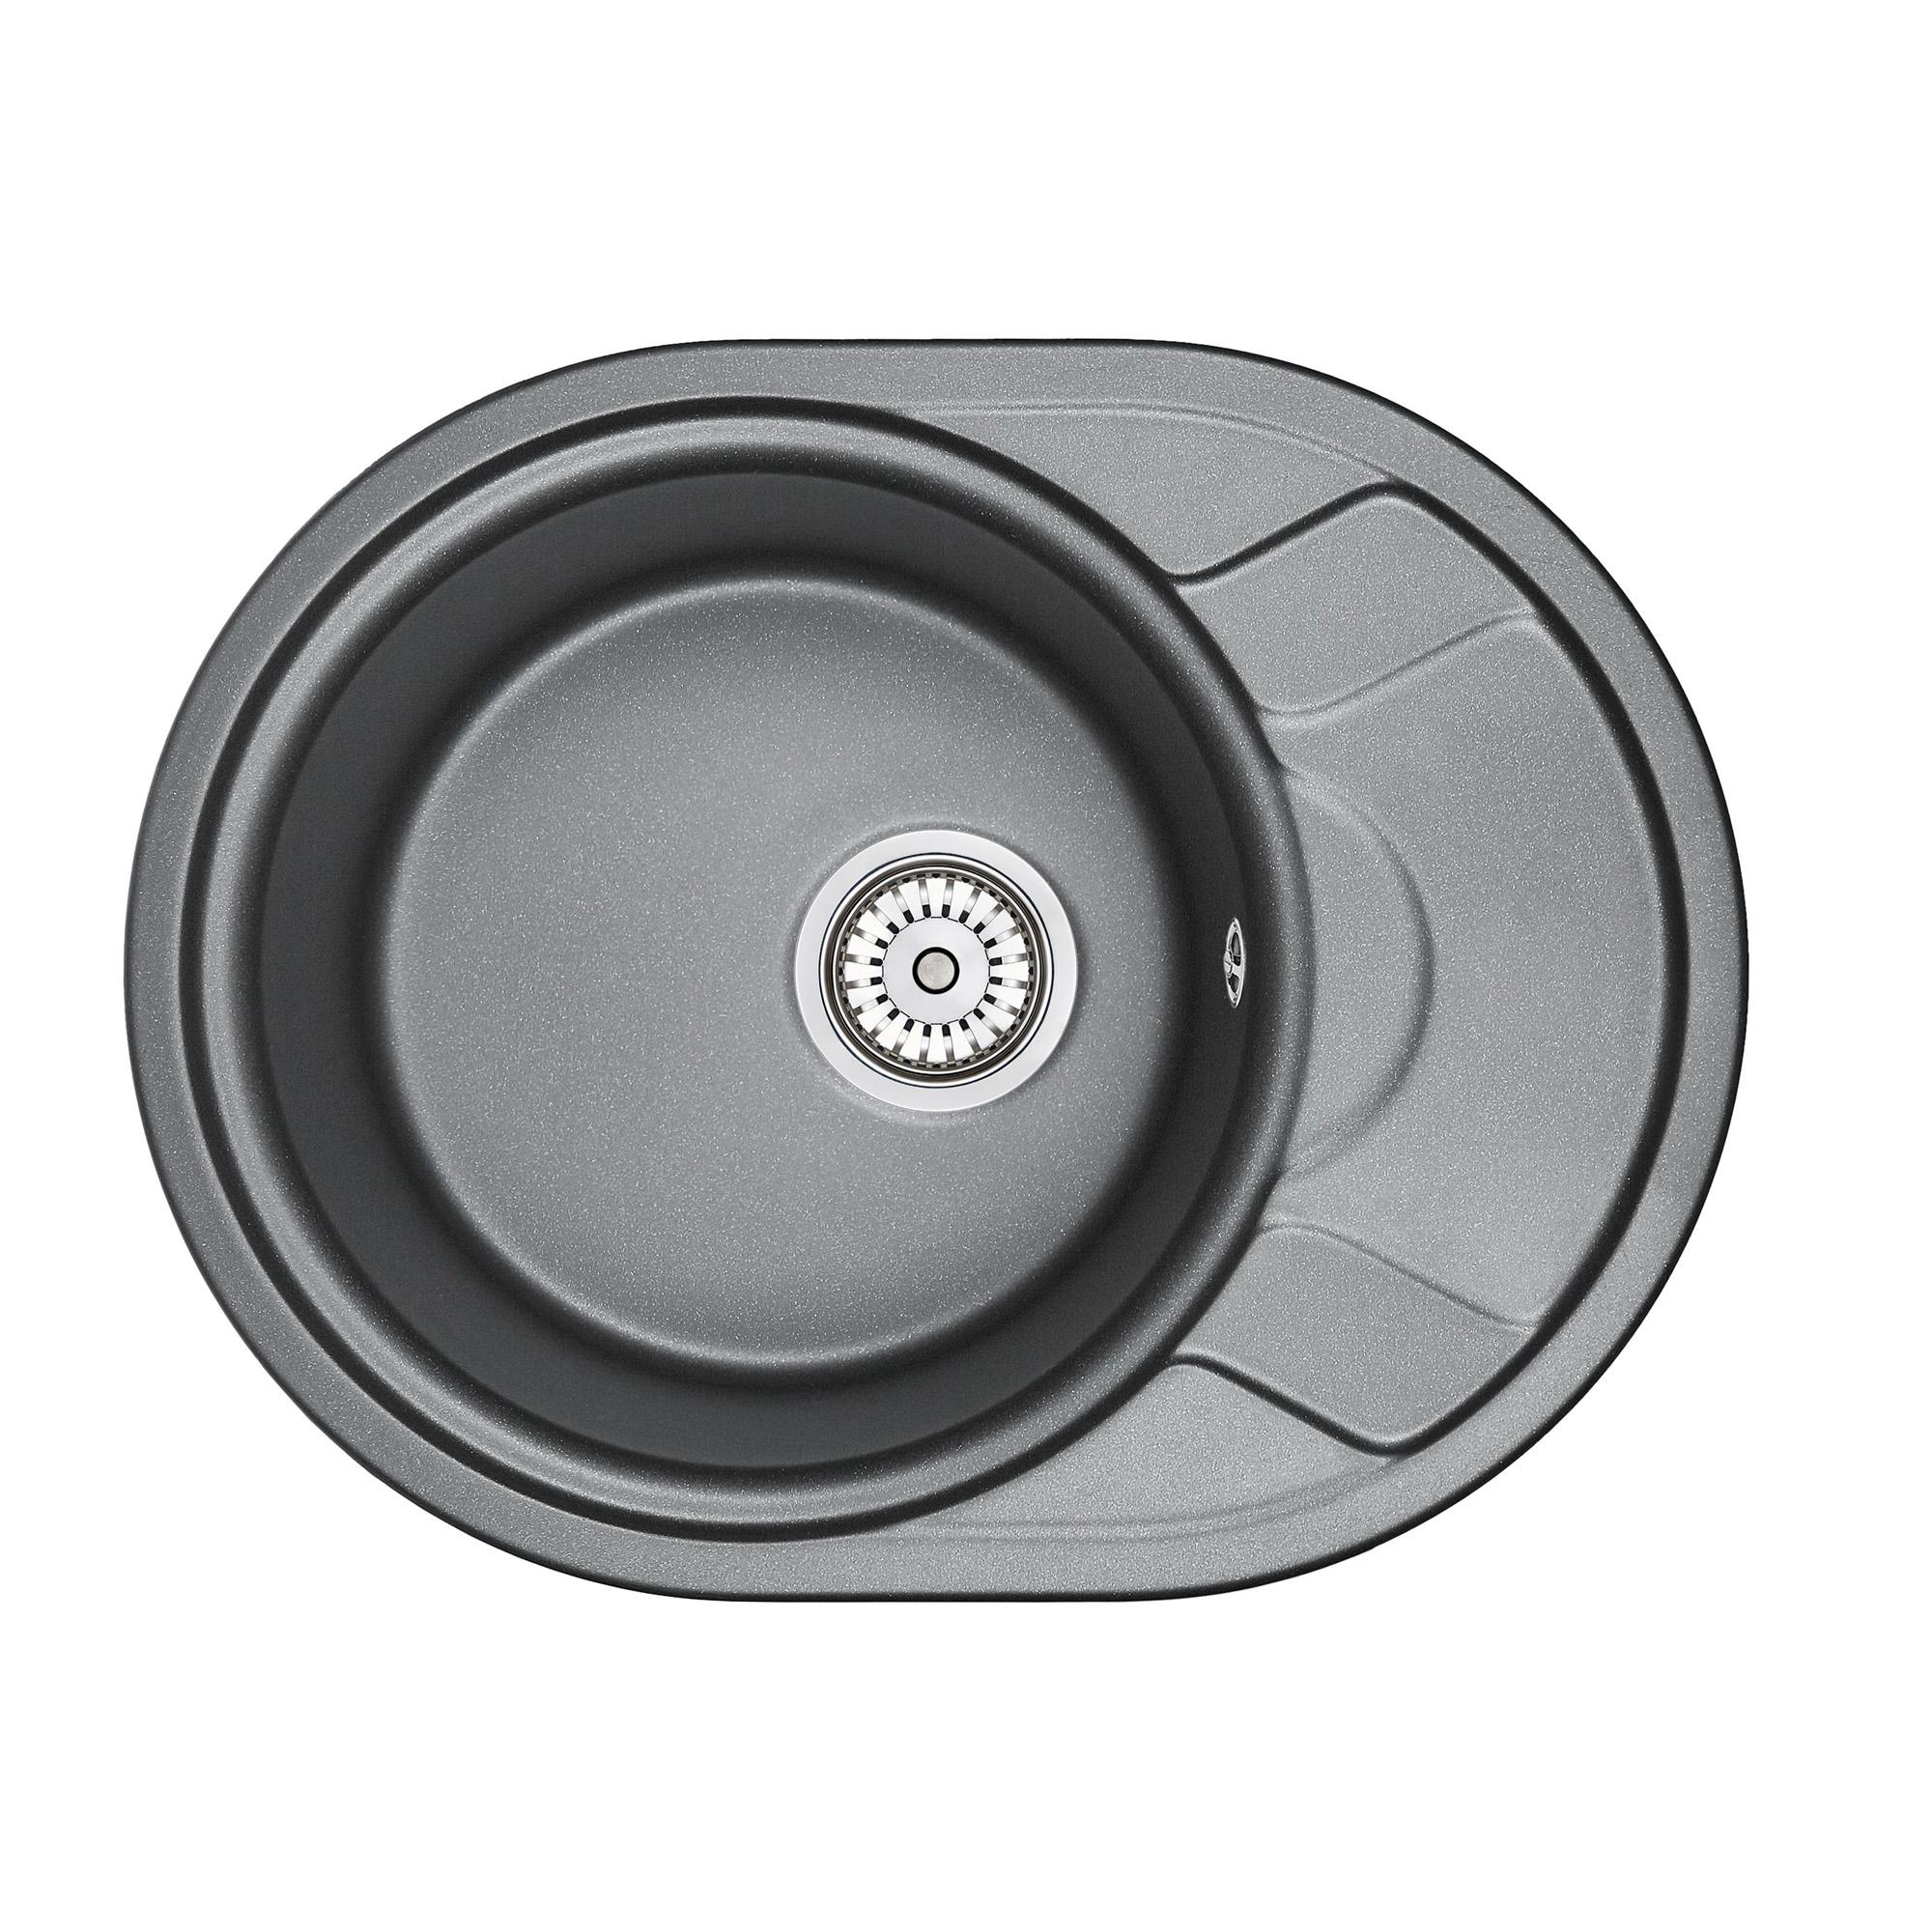 Кухонная мойка Granula GR-5802 575х445 шварц смеситель для мойки granula 1124 шварц